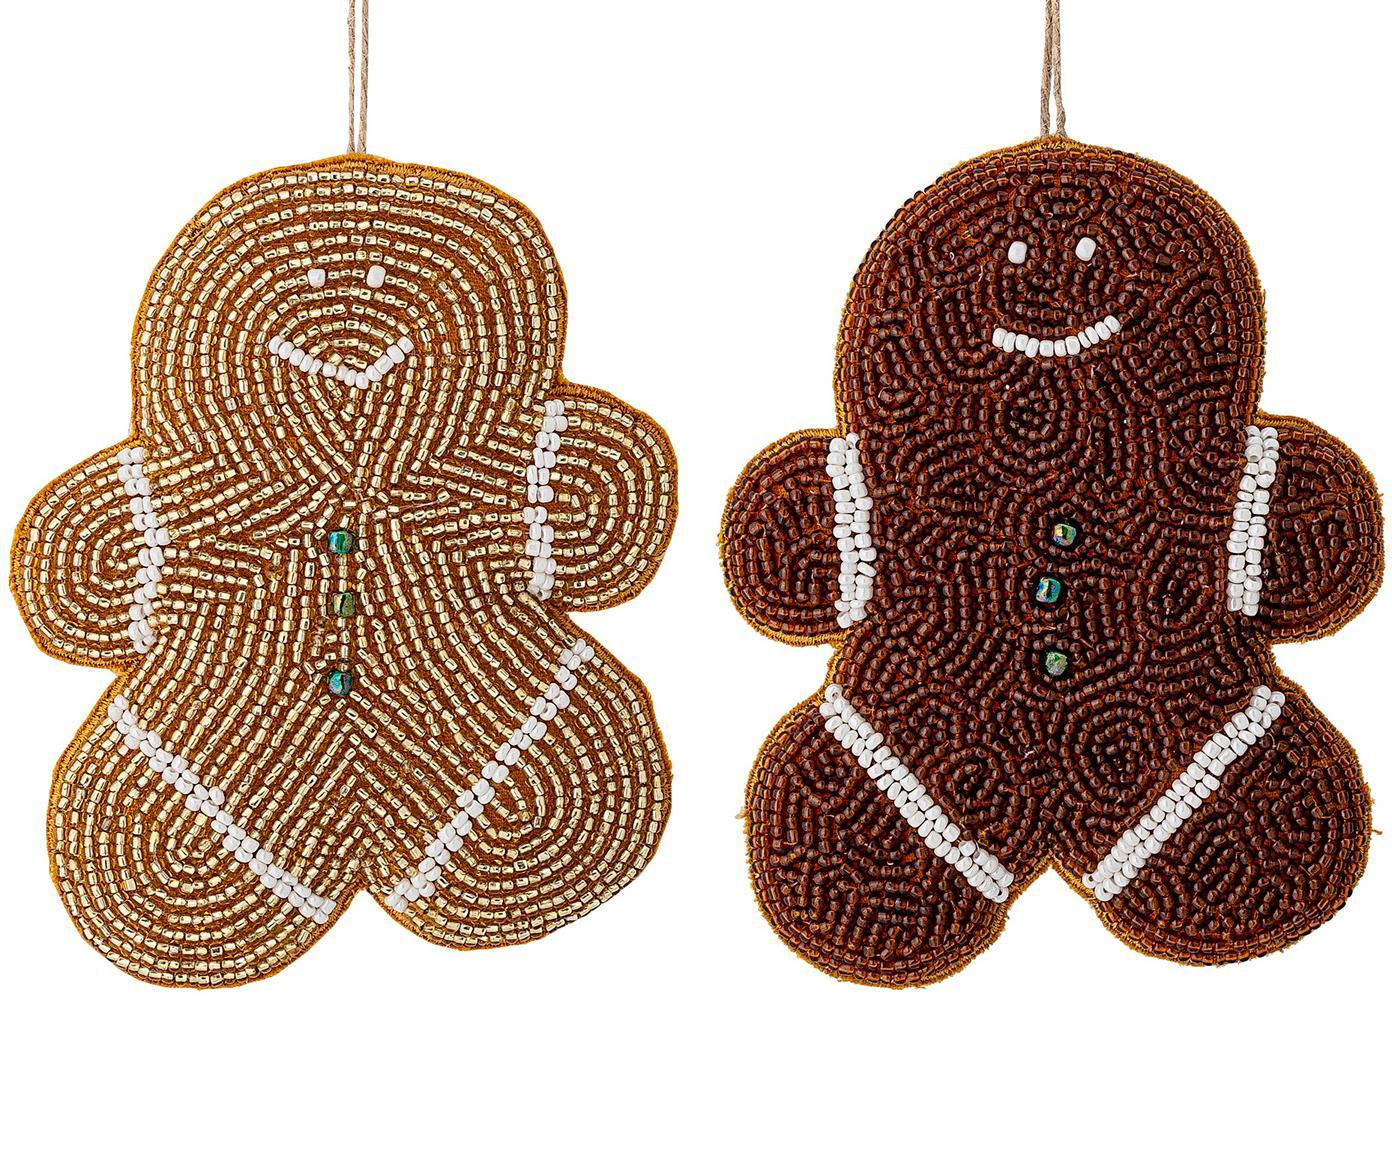 Baumanhänger-Set Cookie, 2-tlg., Glasperlen, Baumwolle, Braun, Goldfarben, Weiß, Gelb, 10 x 13 cm